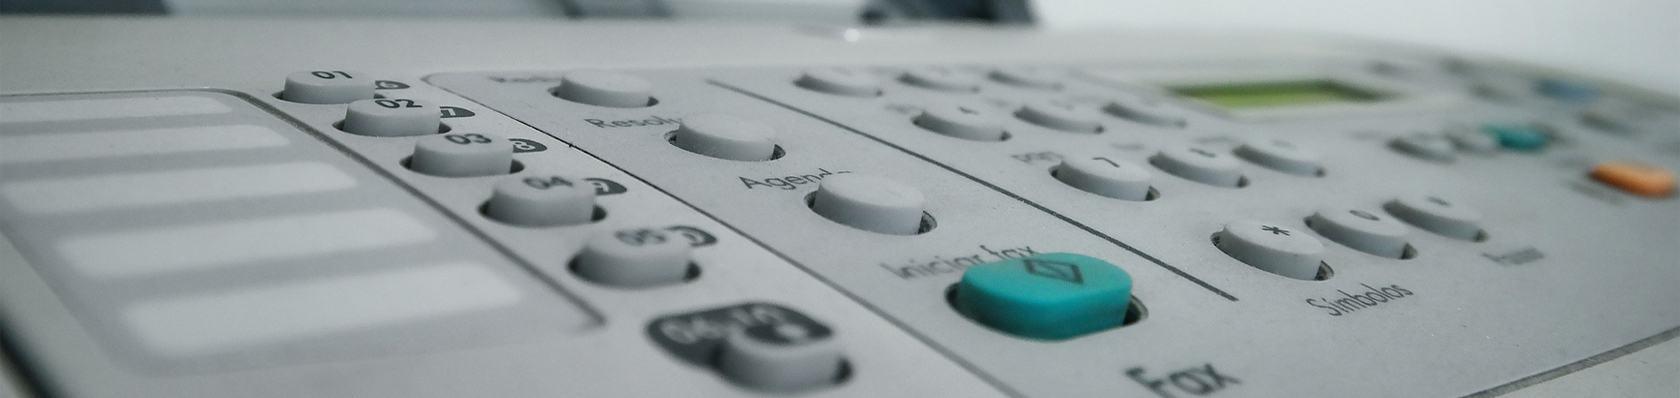 Faxgeräte im Test auf ExpertenTesten.de